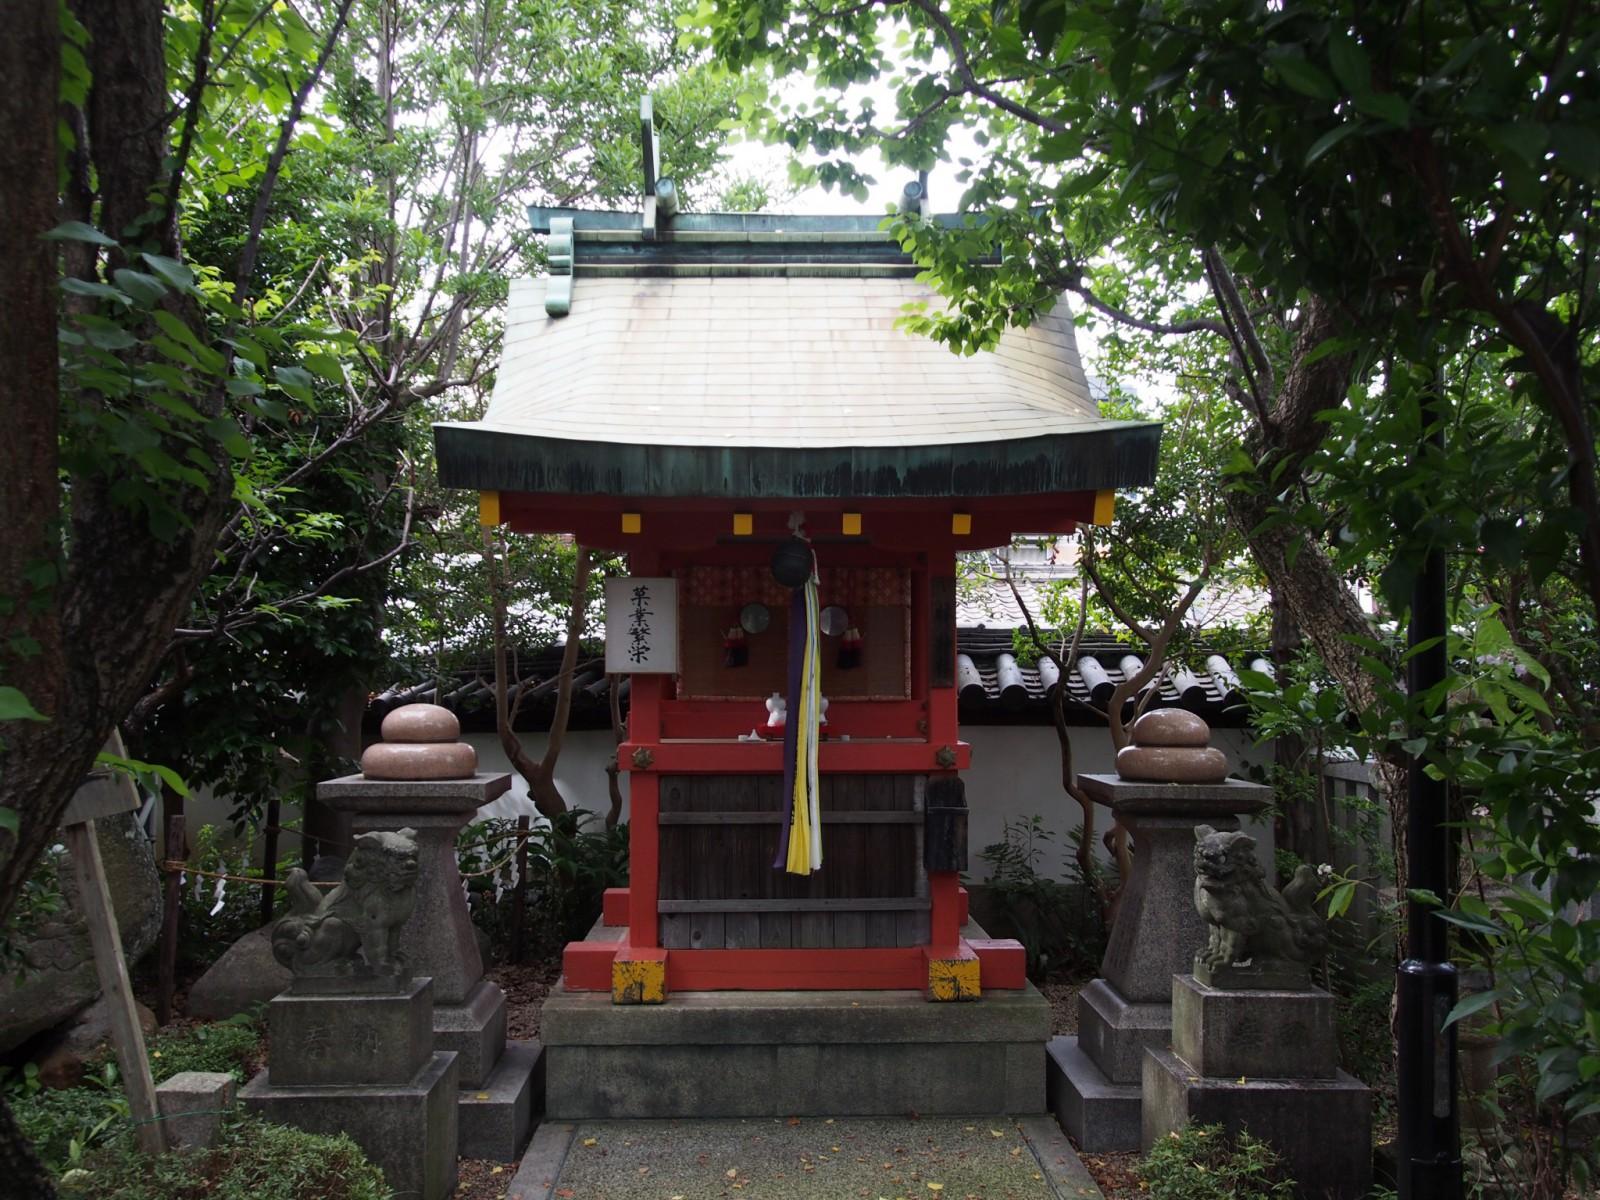 林神社本殿と「饅頭」